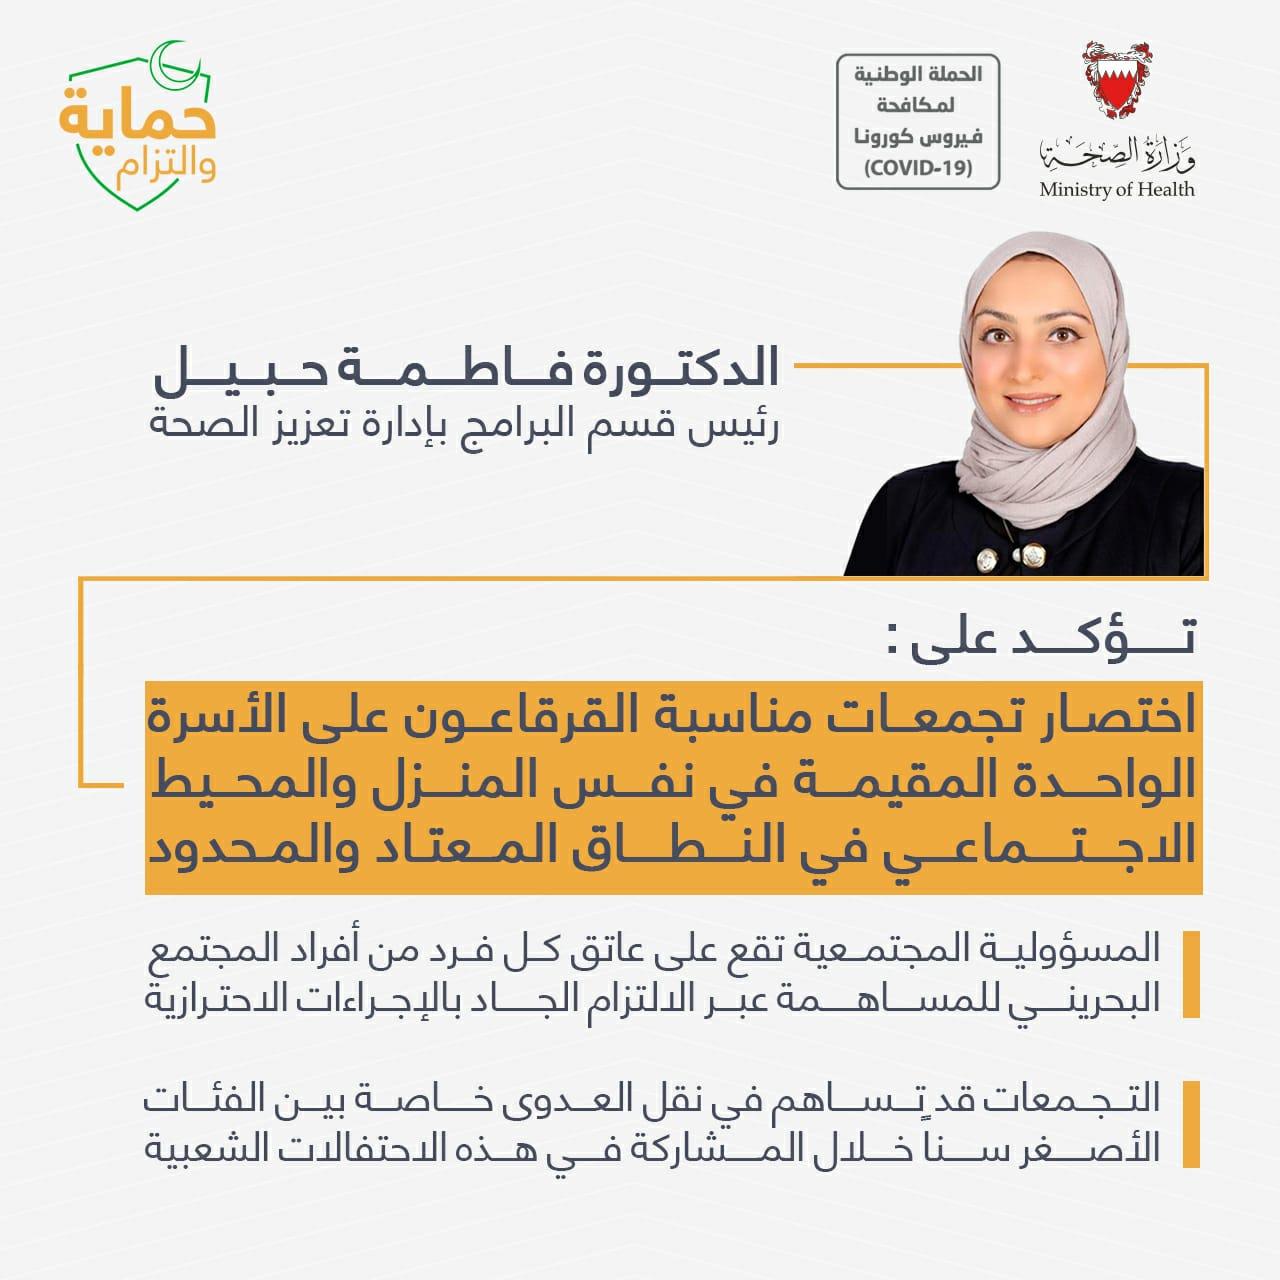 الدكتورة فاطمة حبيل تؤكد على أهمية تجنب إقامة تجمعات مناسبة القرقاعون